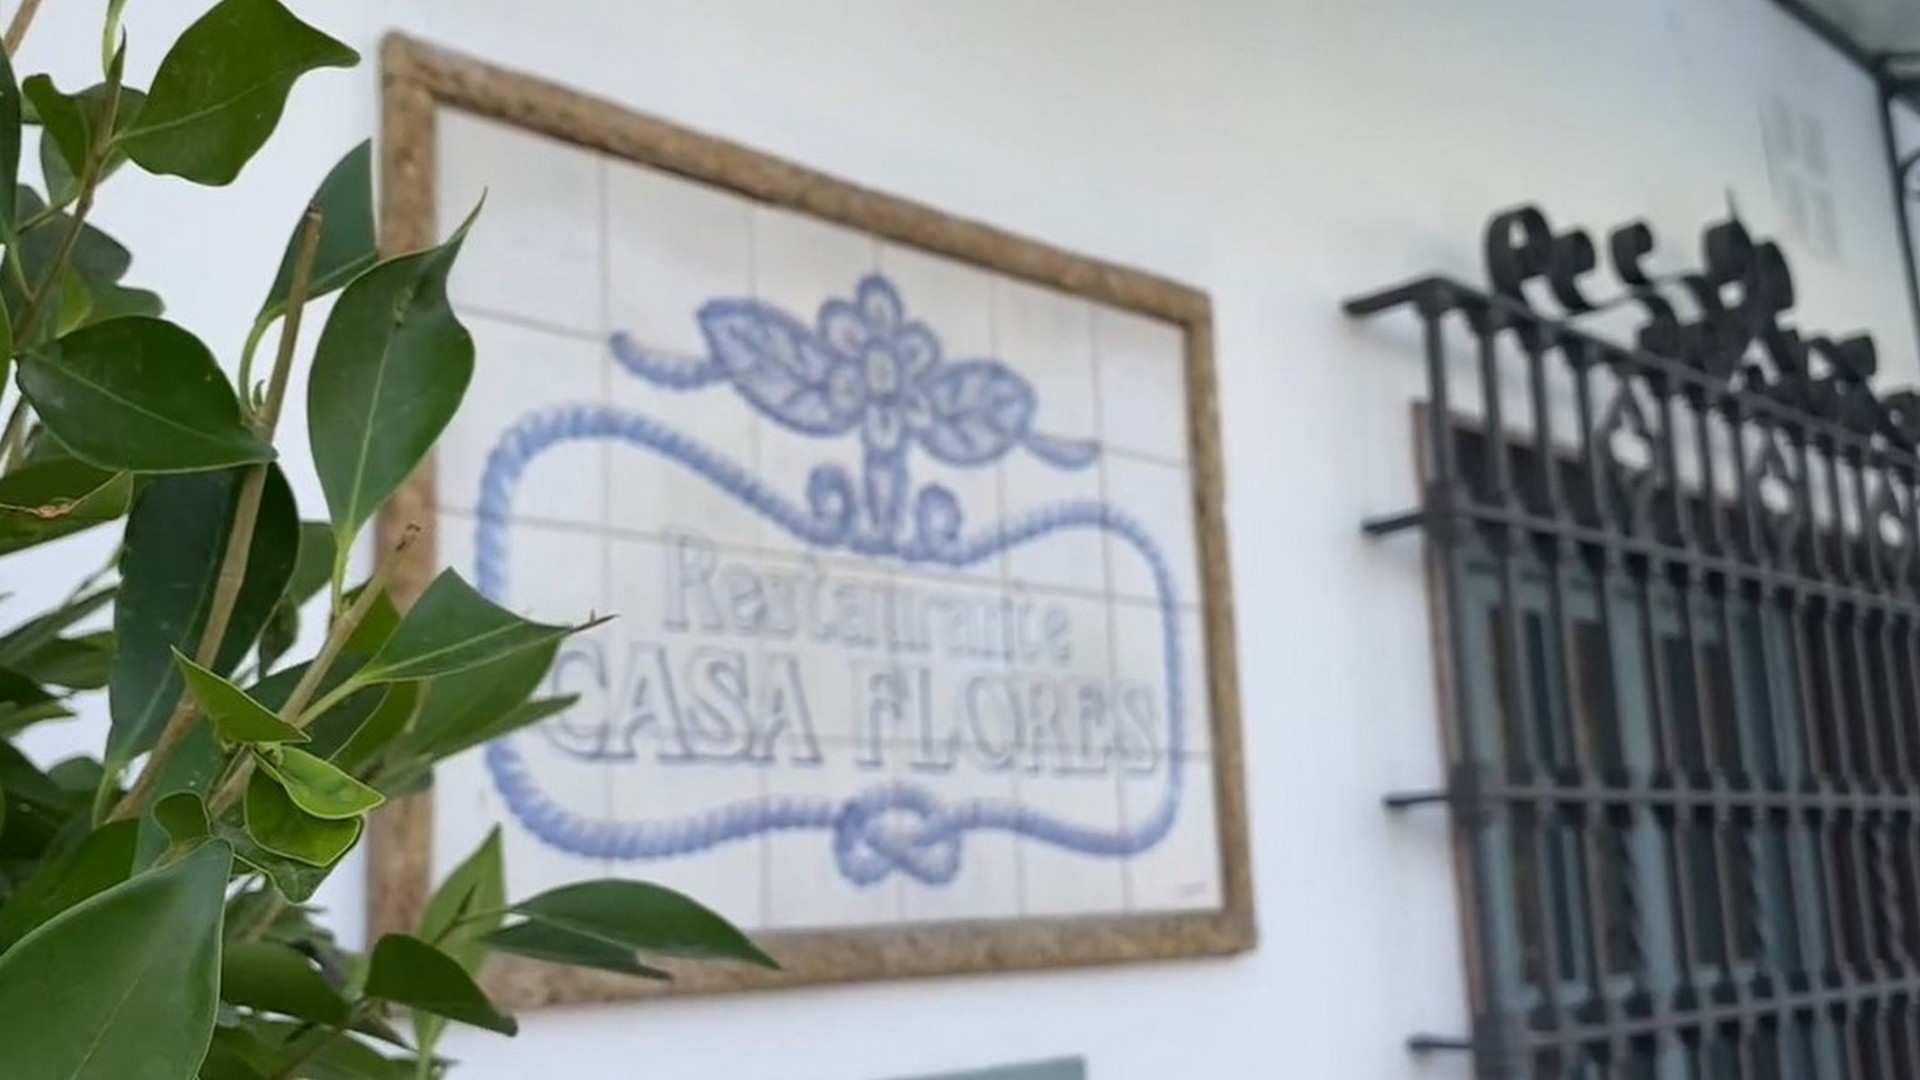 Casa Flores, el emblemático restaurante del Puerto de Santa María, nos deleita con los míticos roqueos del atún